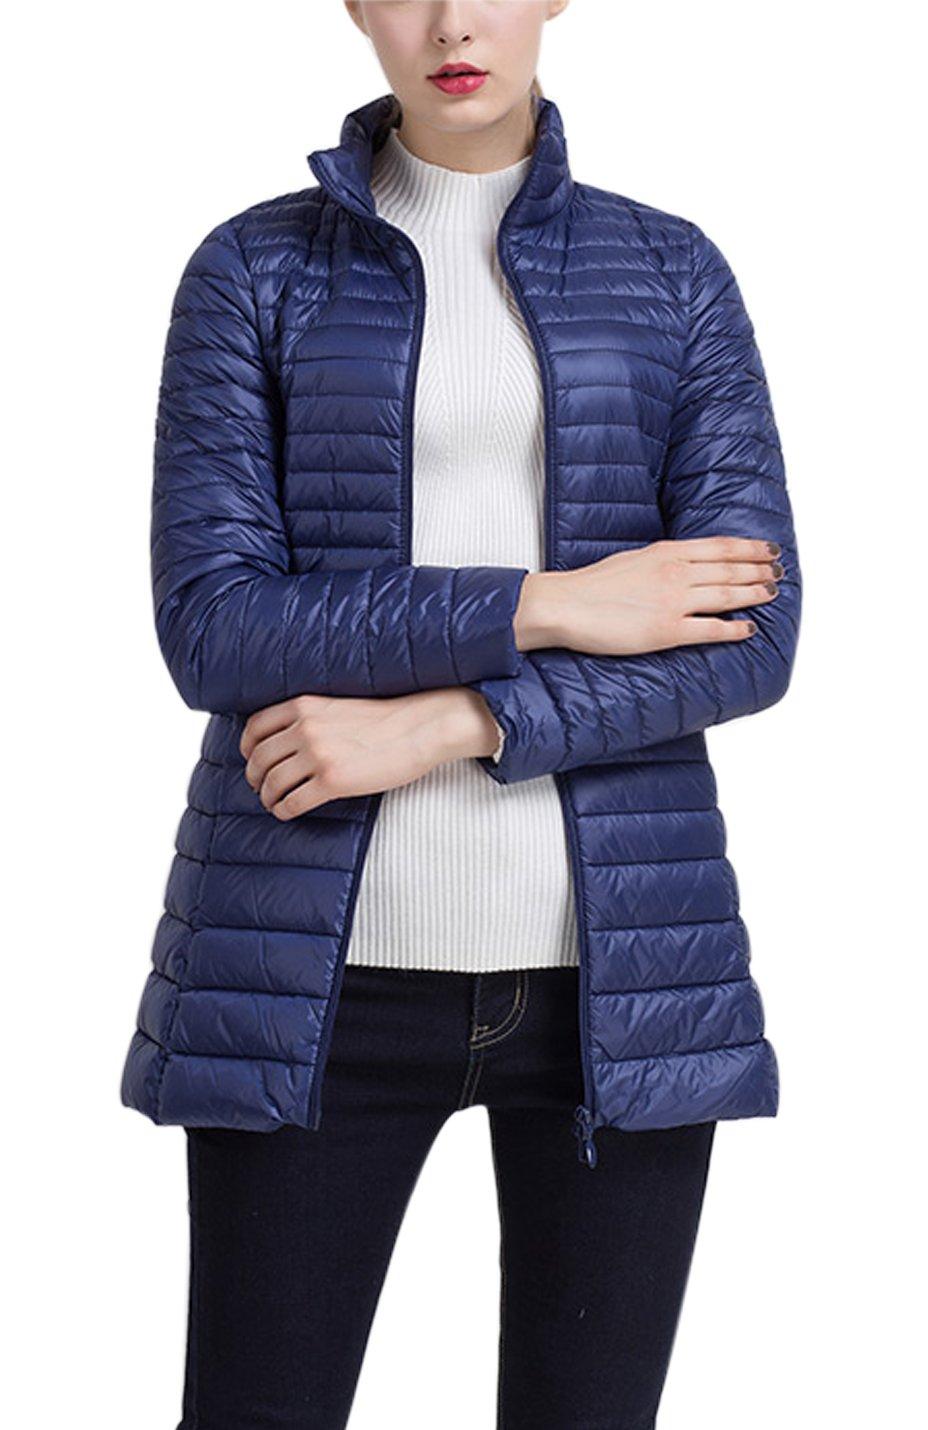 Gihuo Women's Packable Ultralight Long Puffer Jacket Coat Windbreaker (X-Large, Navy)